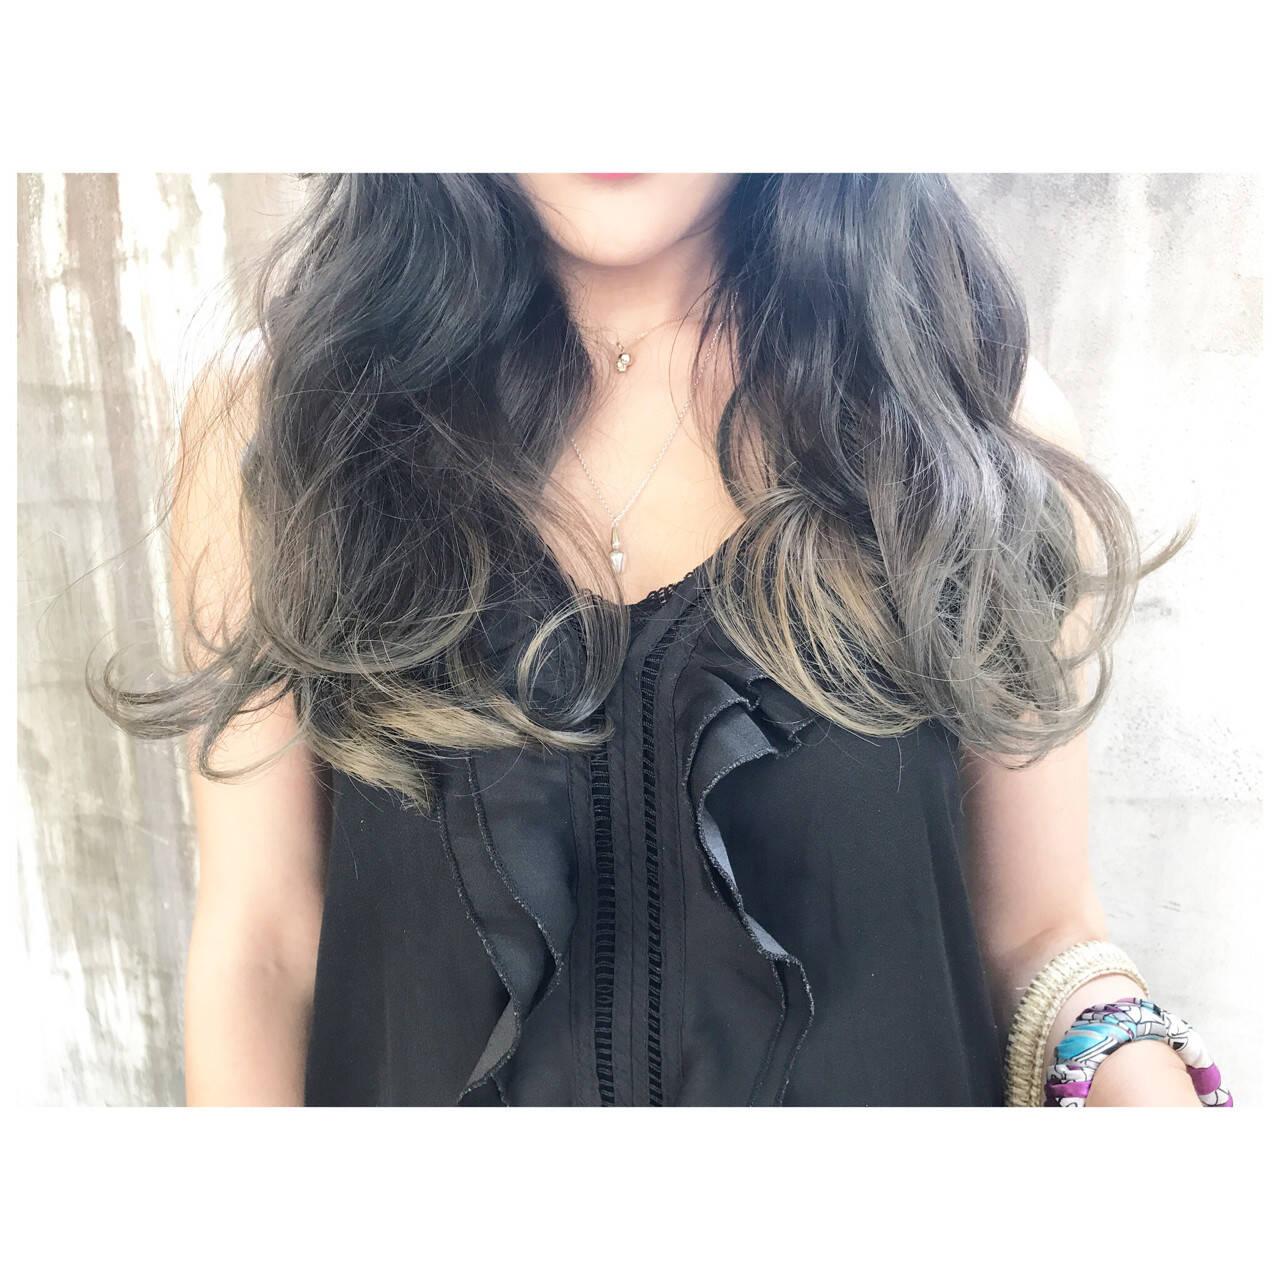 セミロング ベージュ ブルーアッシュ グラデーションカラーヘアスタイルや髪型の写真・画像